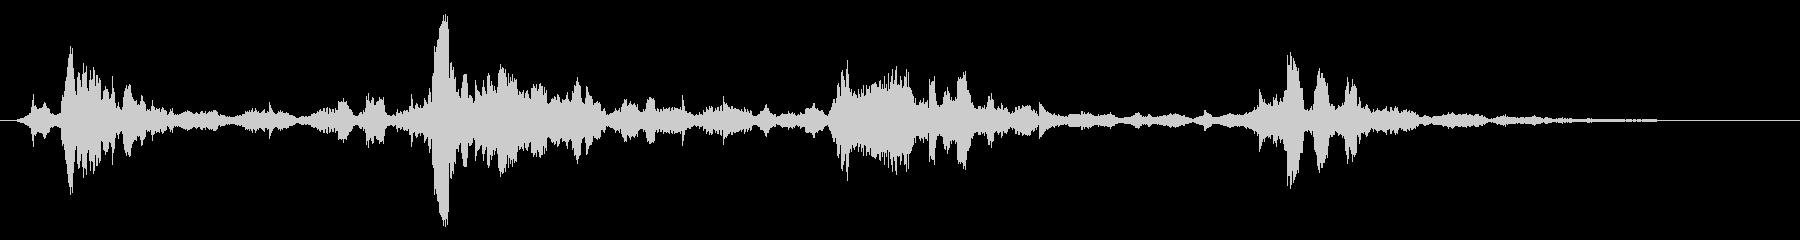 攻撃アタリ思考によるトーン変調の未再生の波形